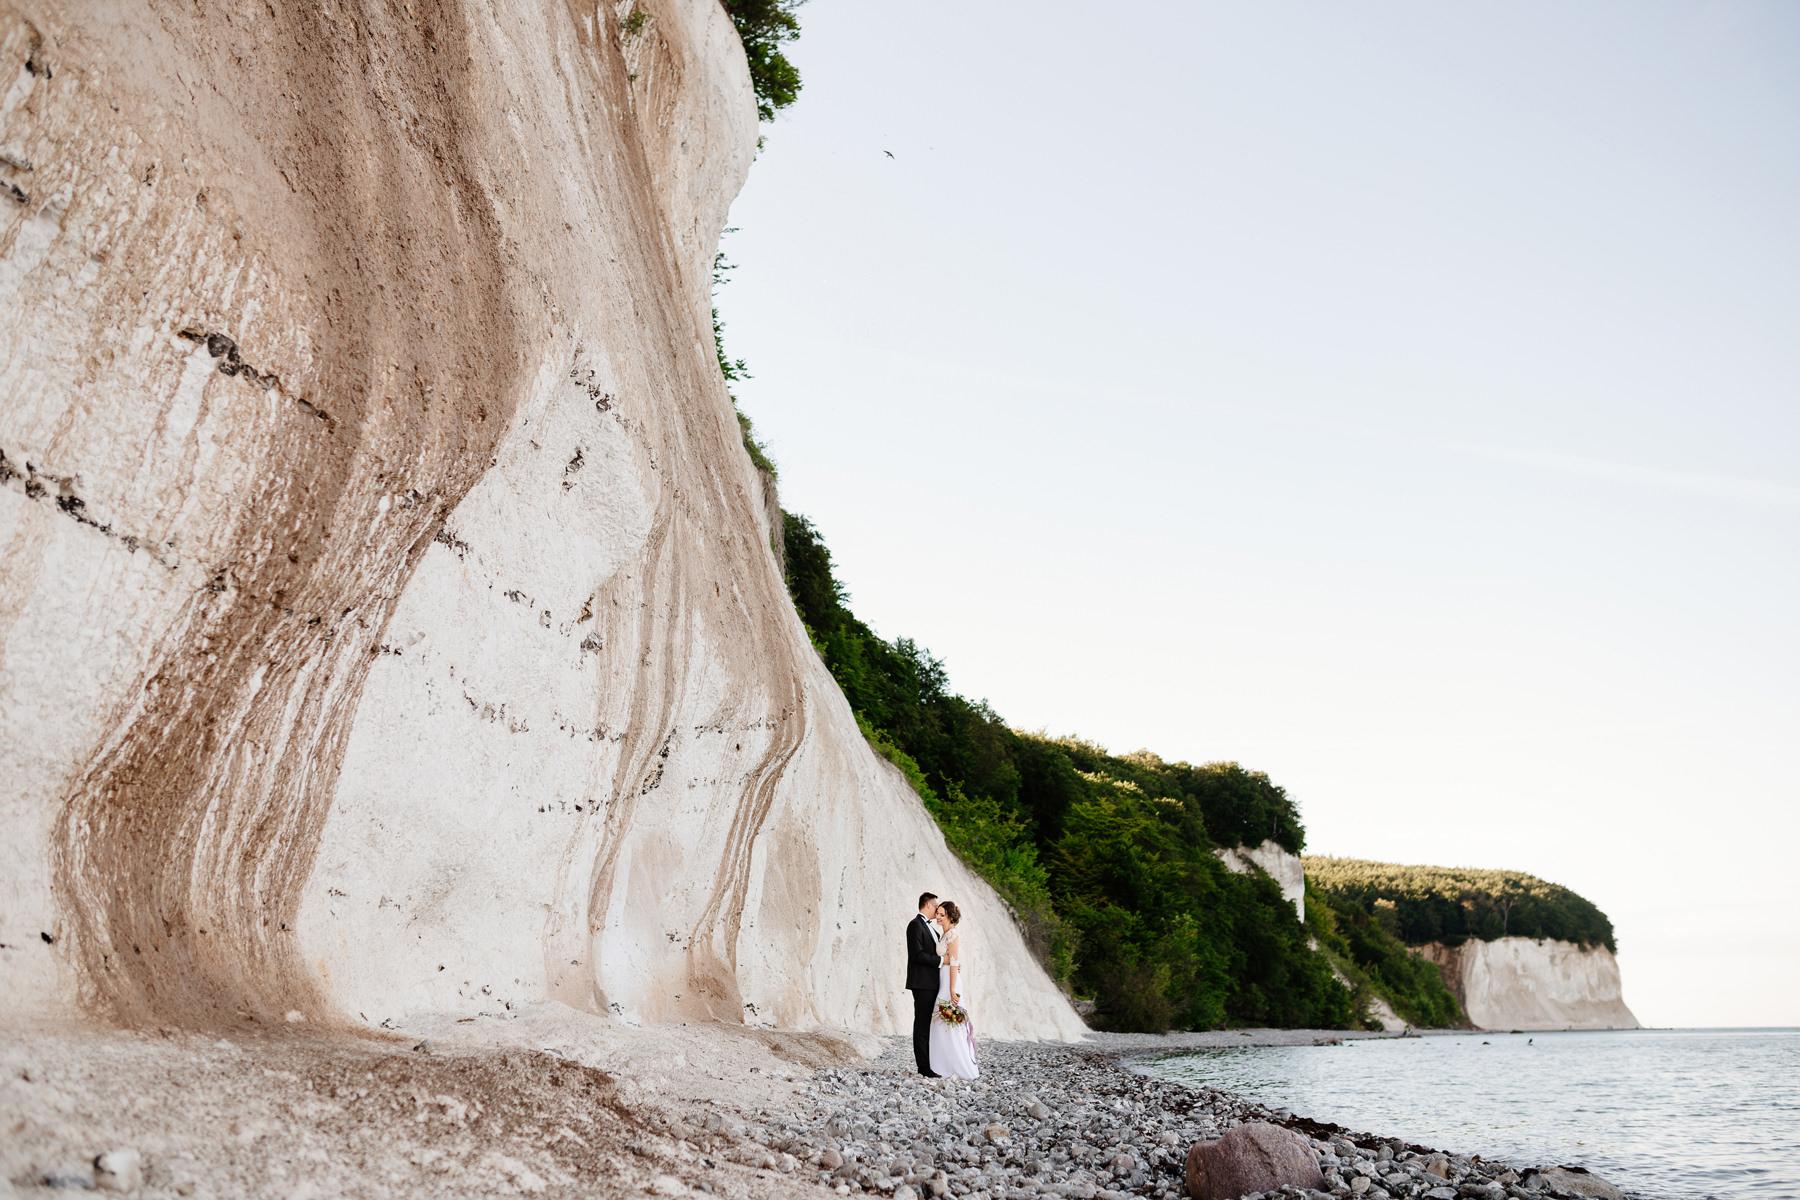 sesja ślubna nad morzem inspiracje zdjęcia